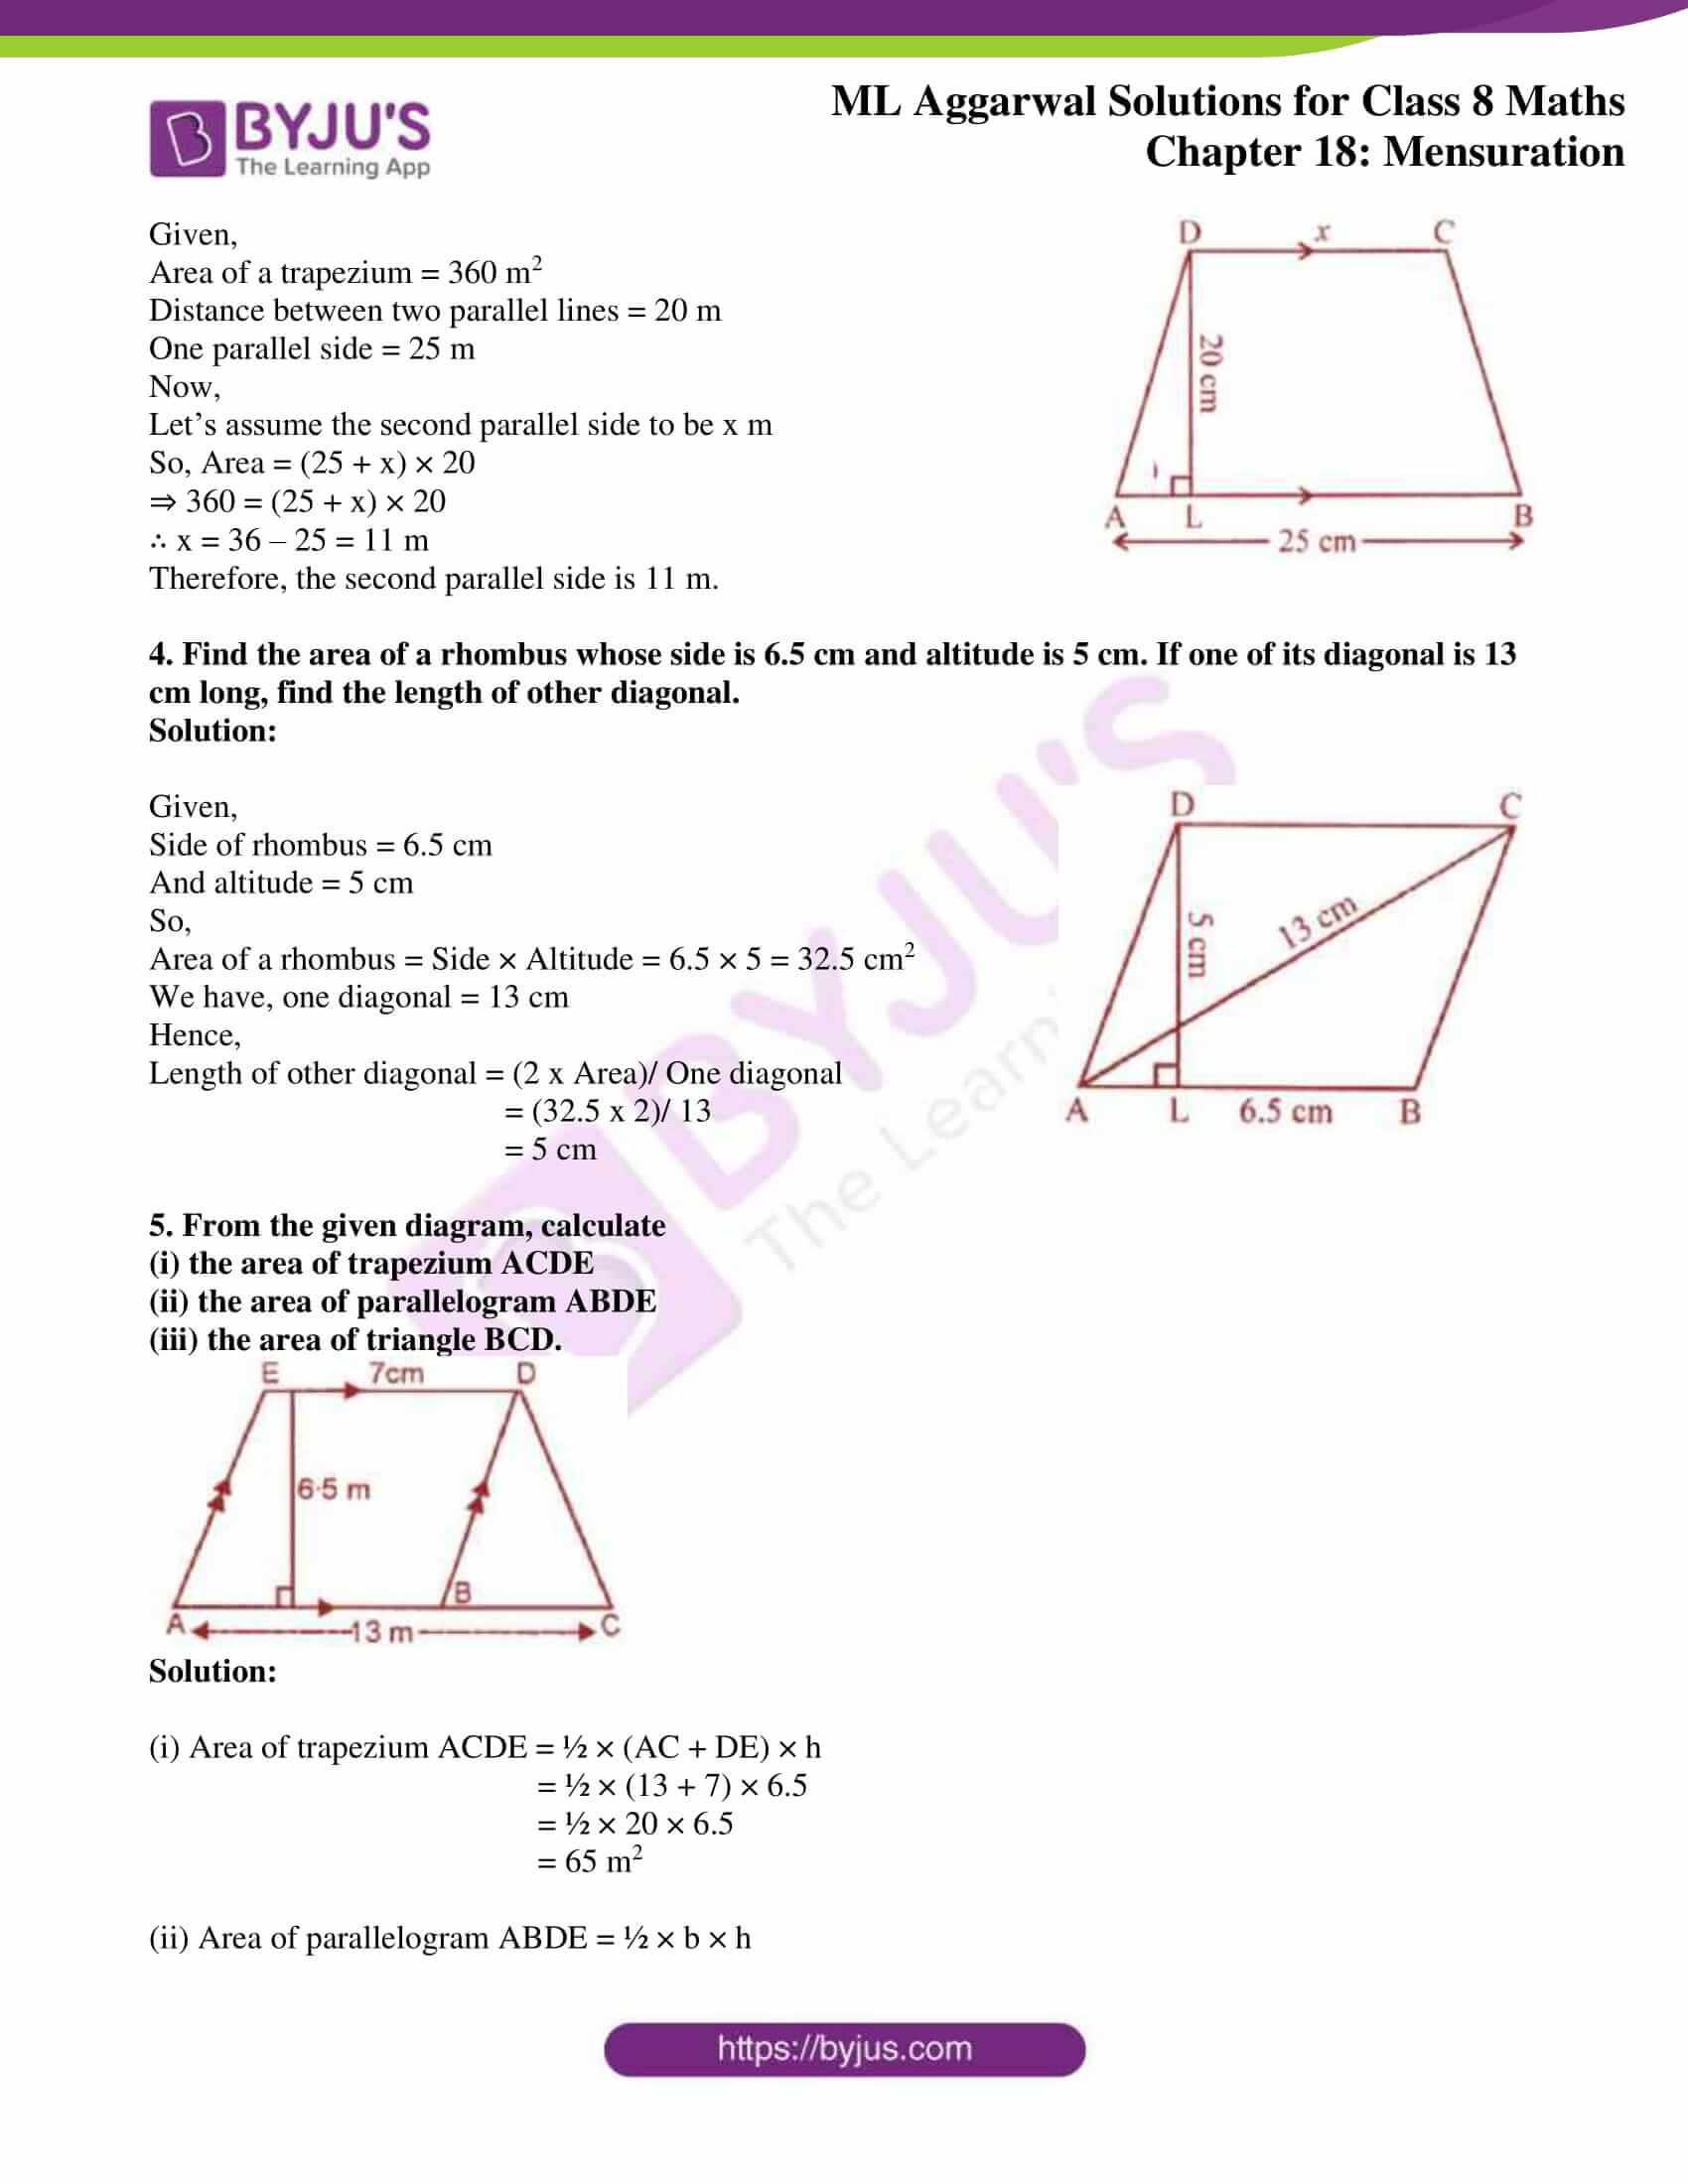 ml aggarwal sol mathematics class 8 ch 18 09